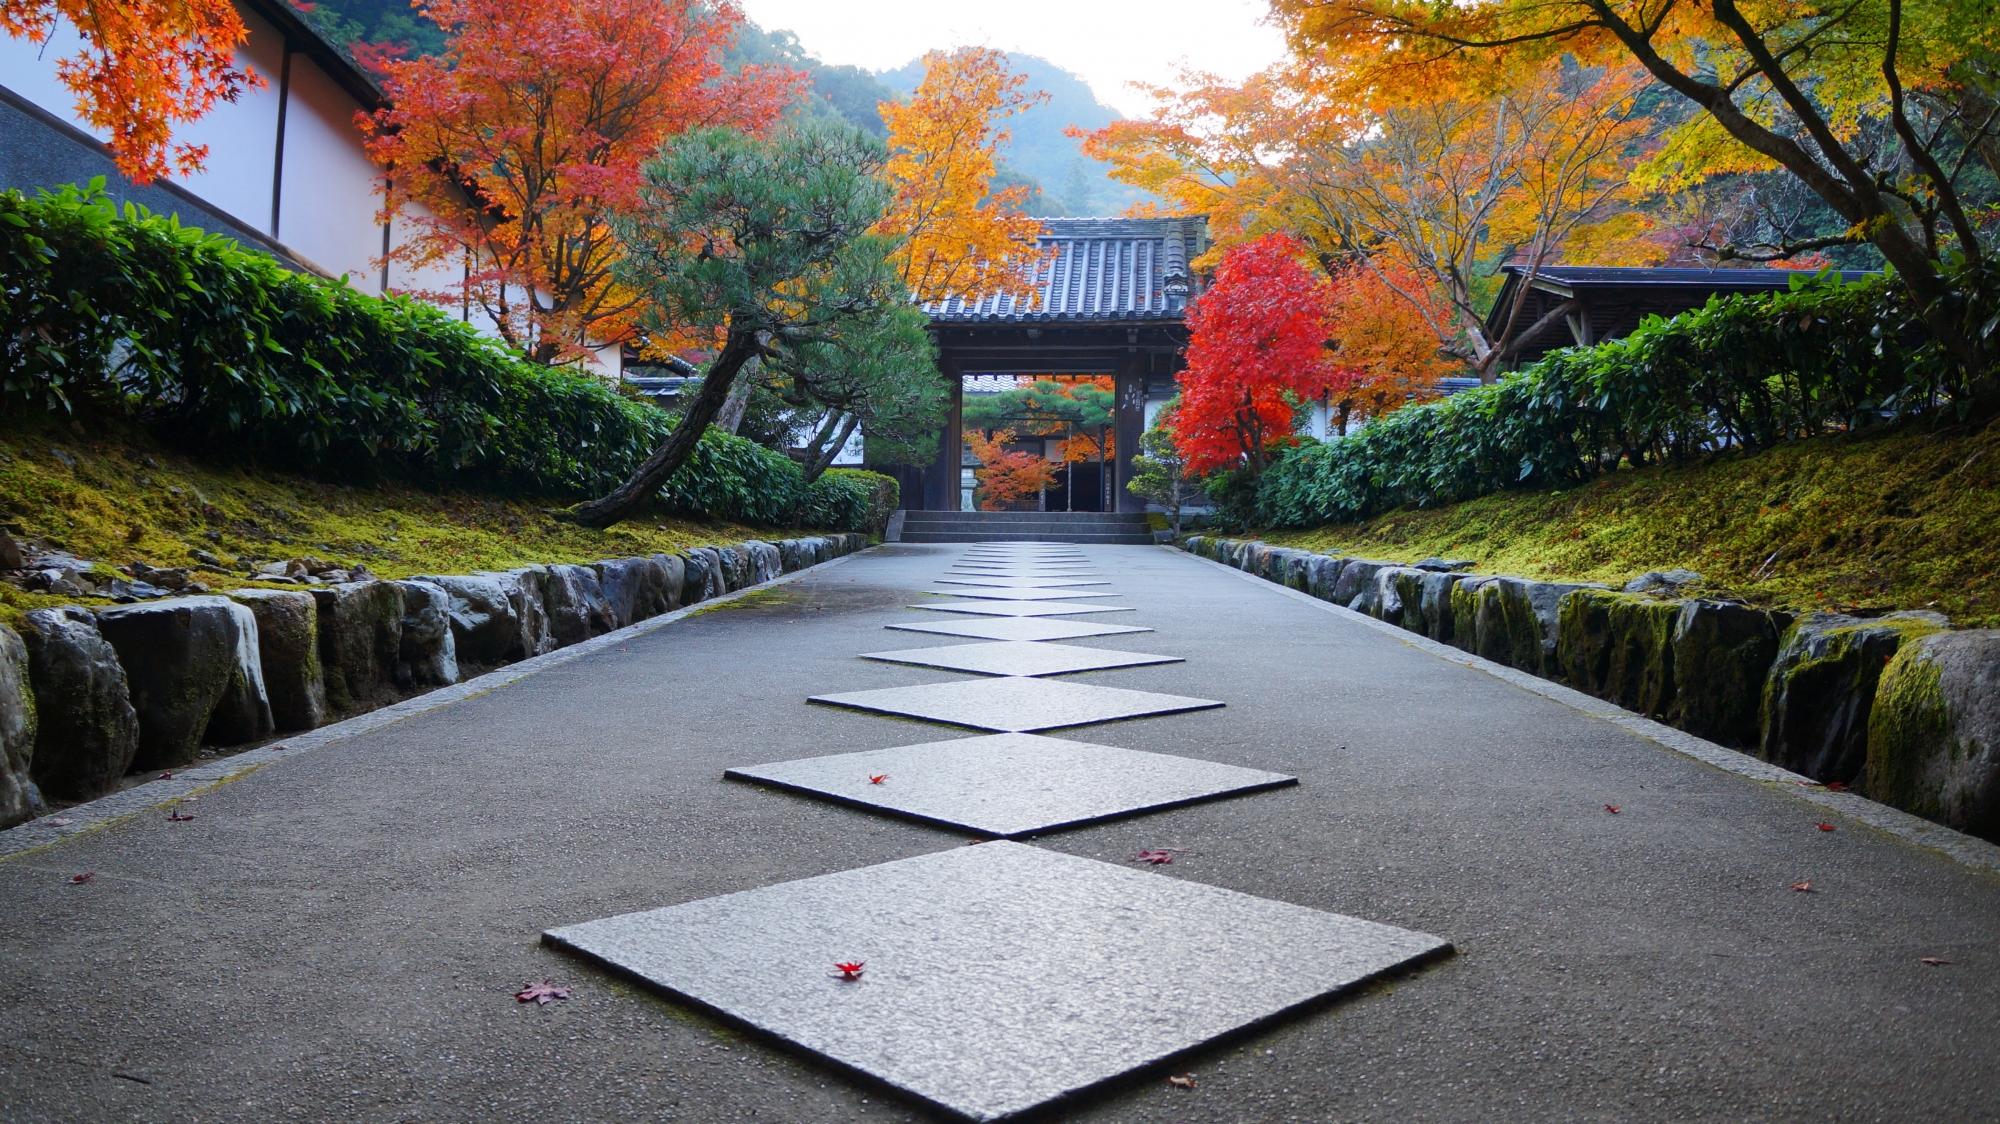 高徳庵の山門に続く紅葉に彩られた独特の石の参道